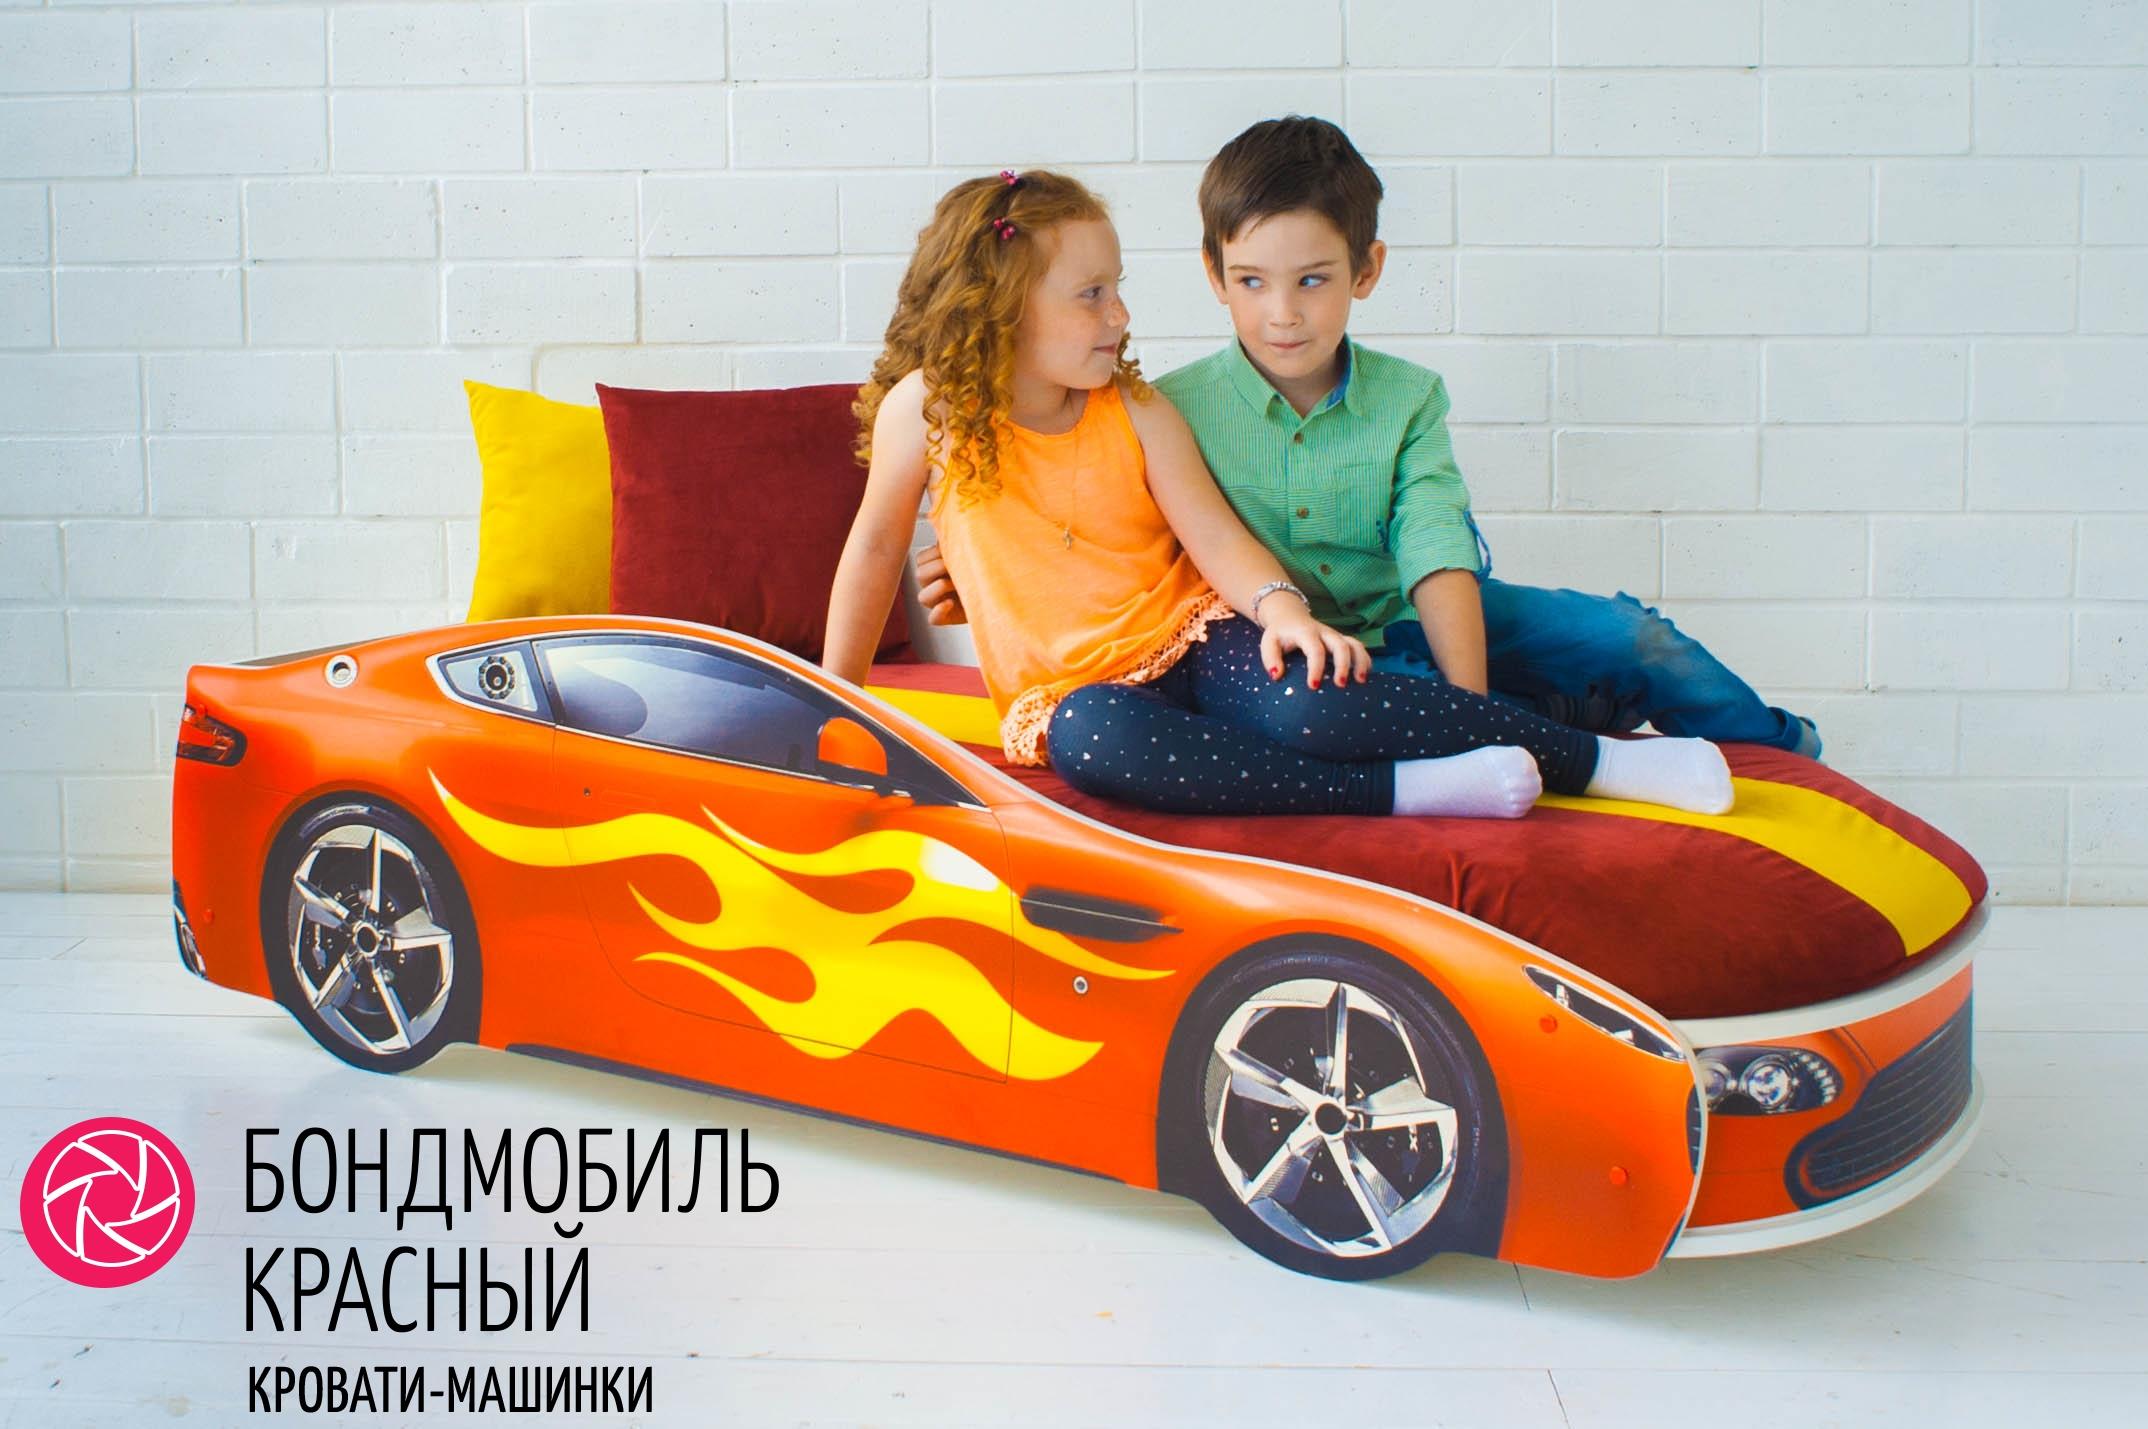 Детская кровать-машина красный -Бондмобиль-10